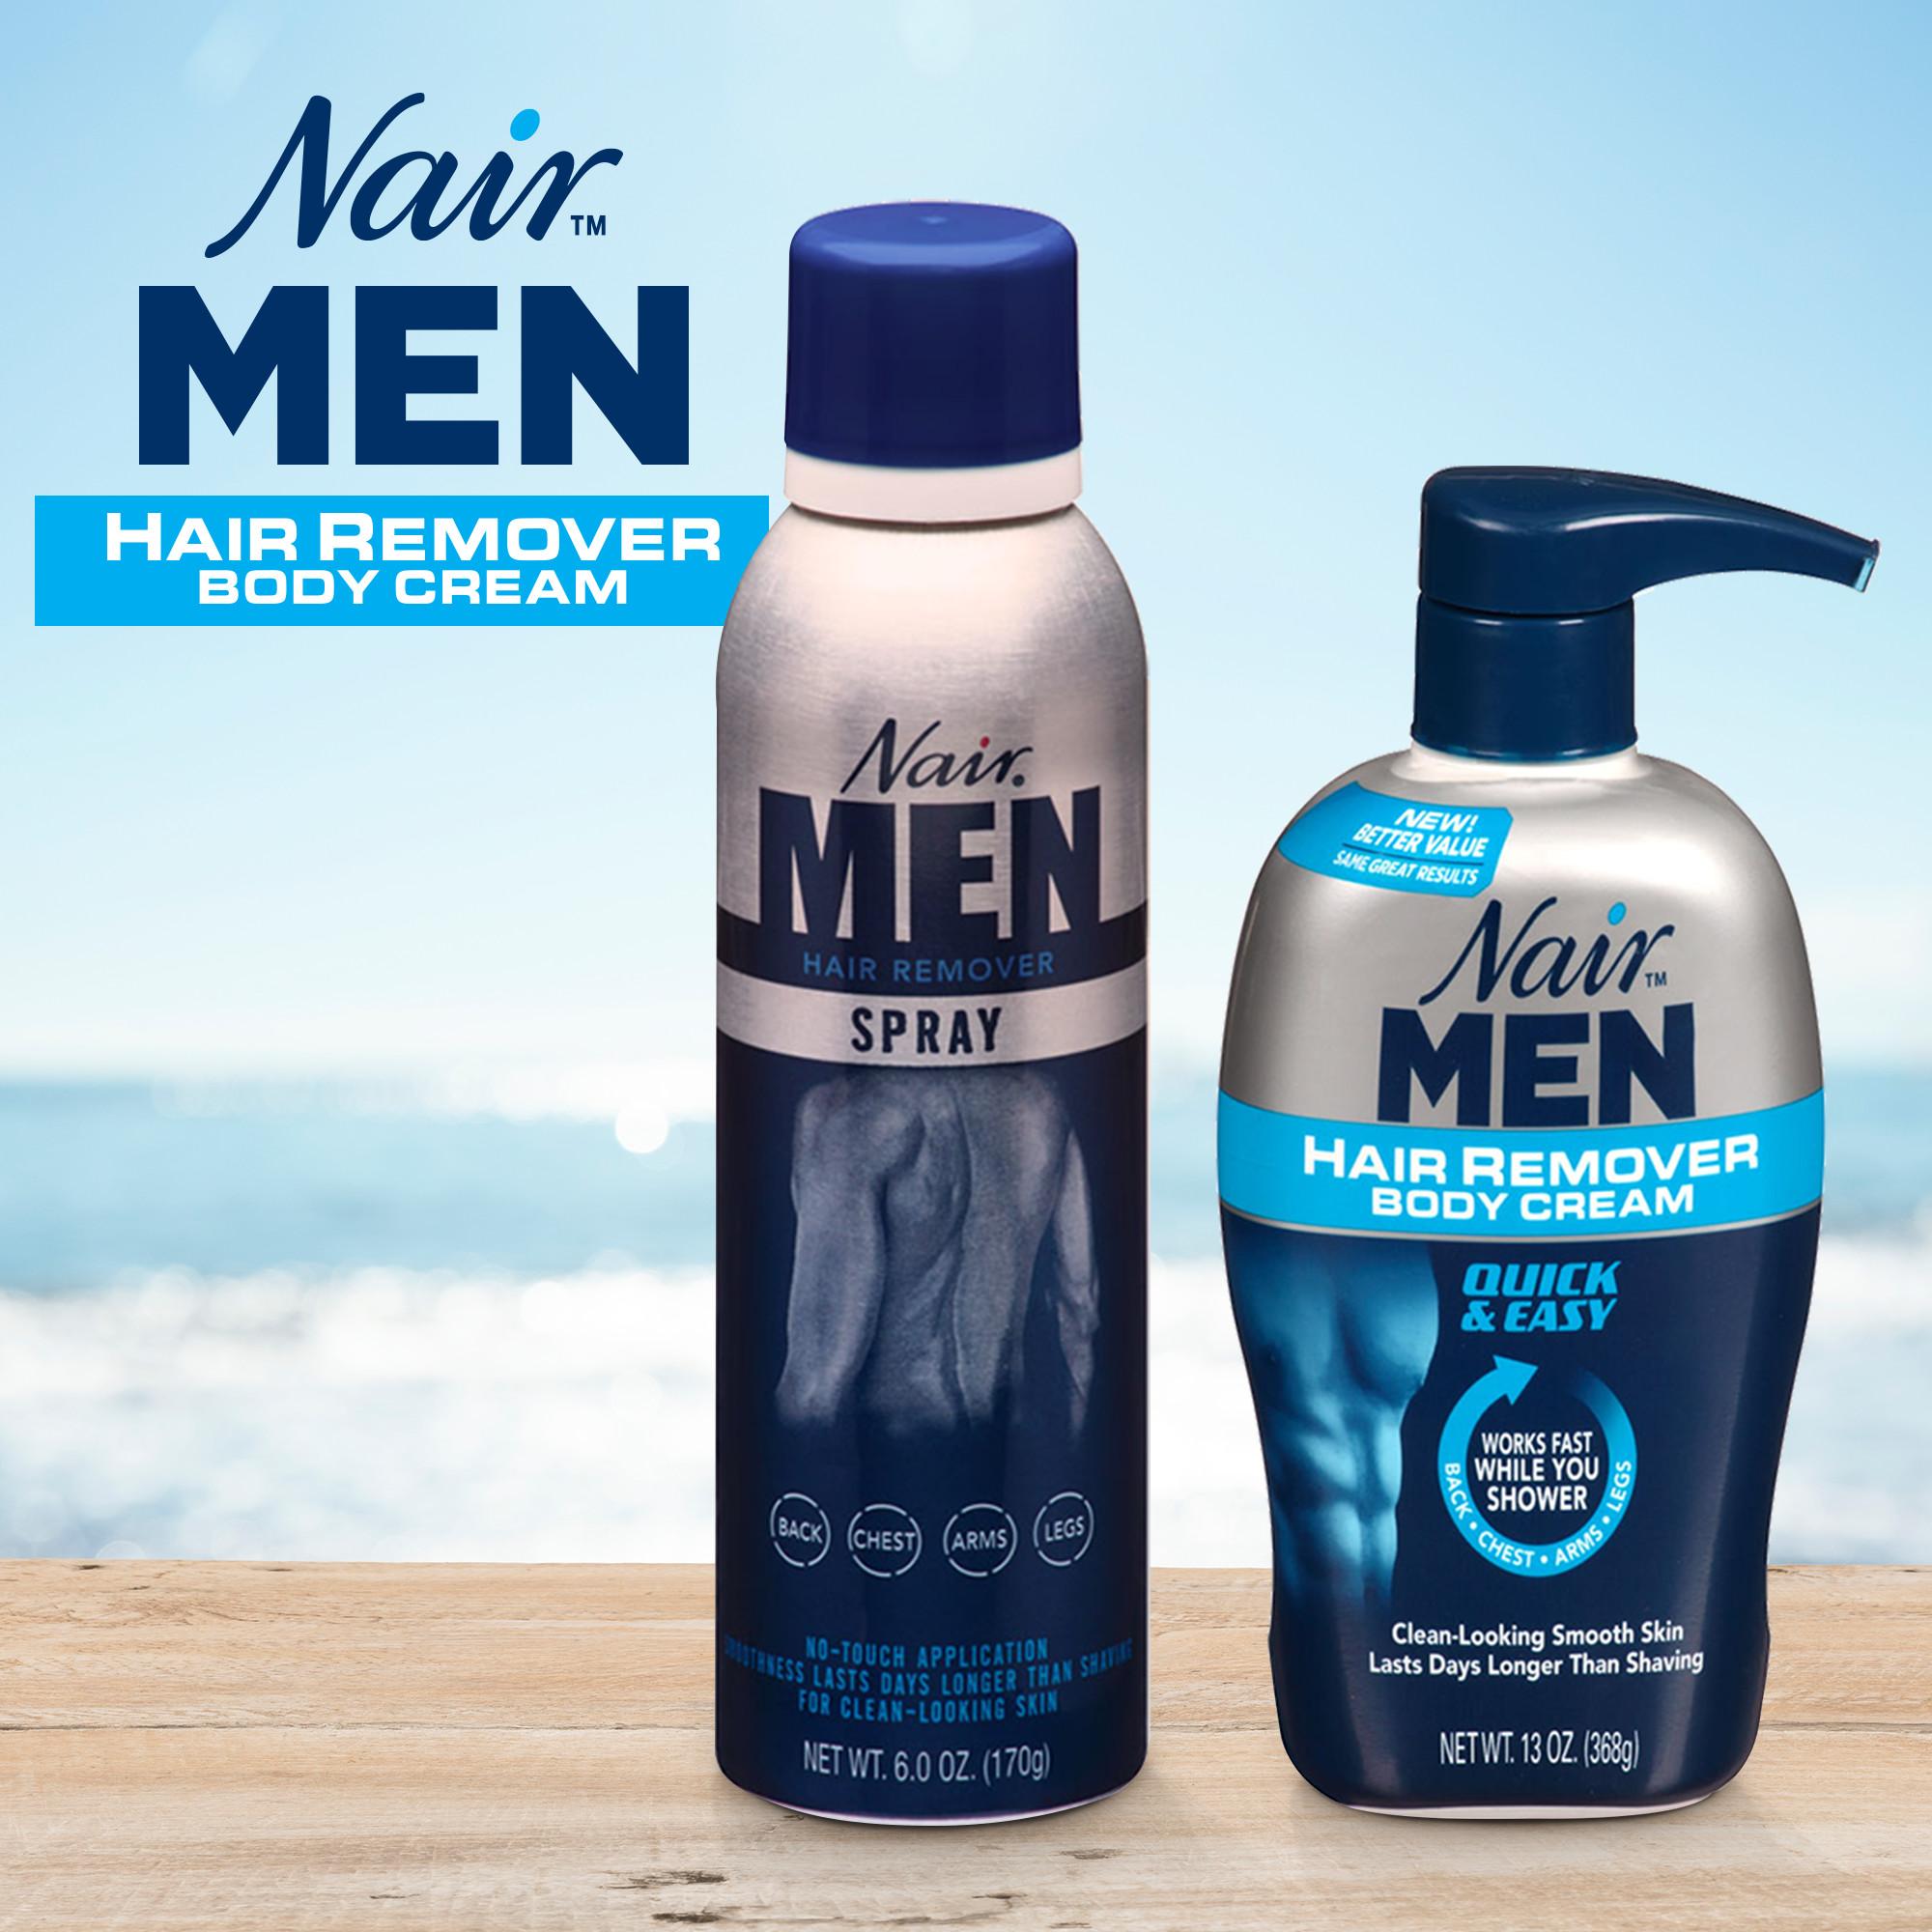 Kem tẩy lông Nair cho nam có tốt không? Chuyên gia nói gì về kem tẩy lông Nair cho nam?